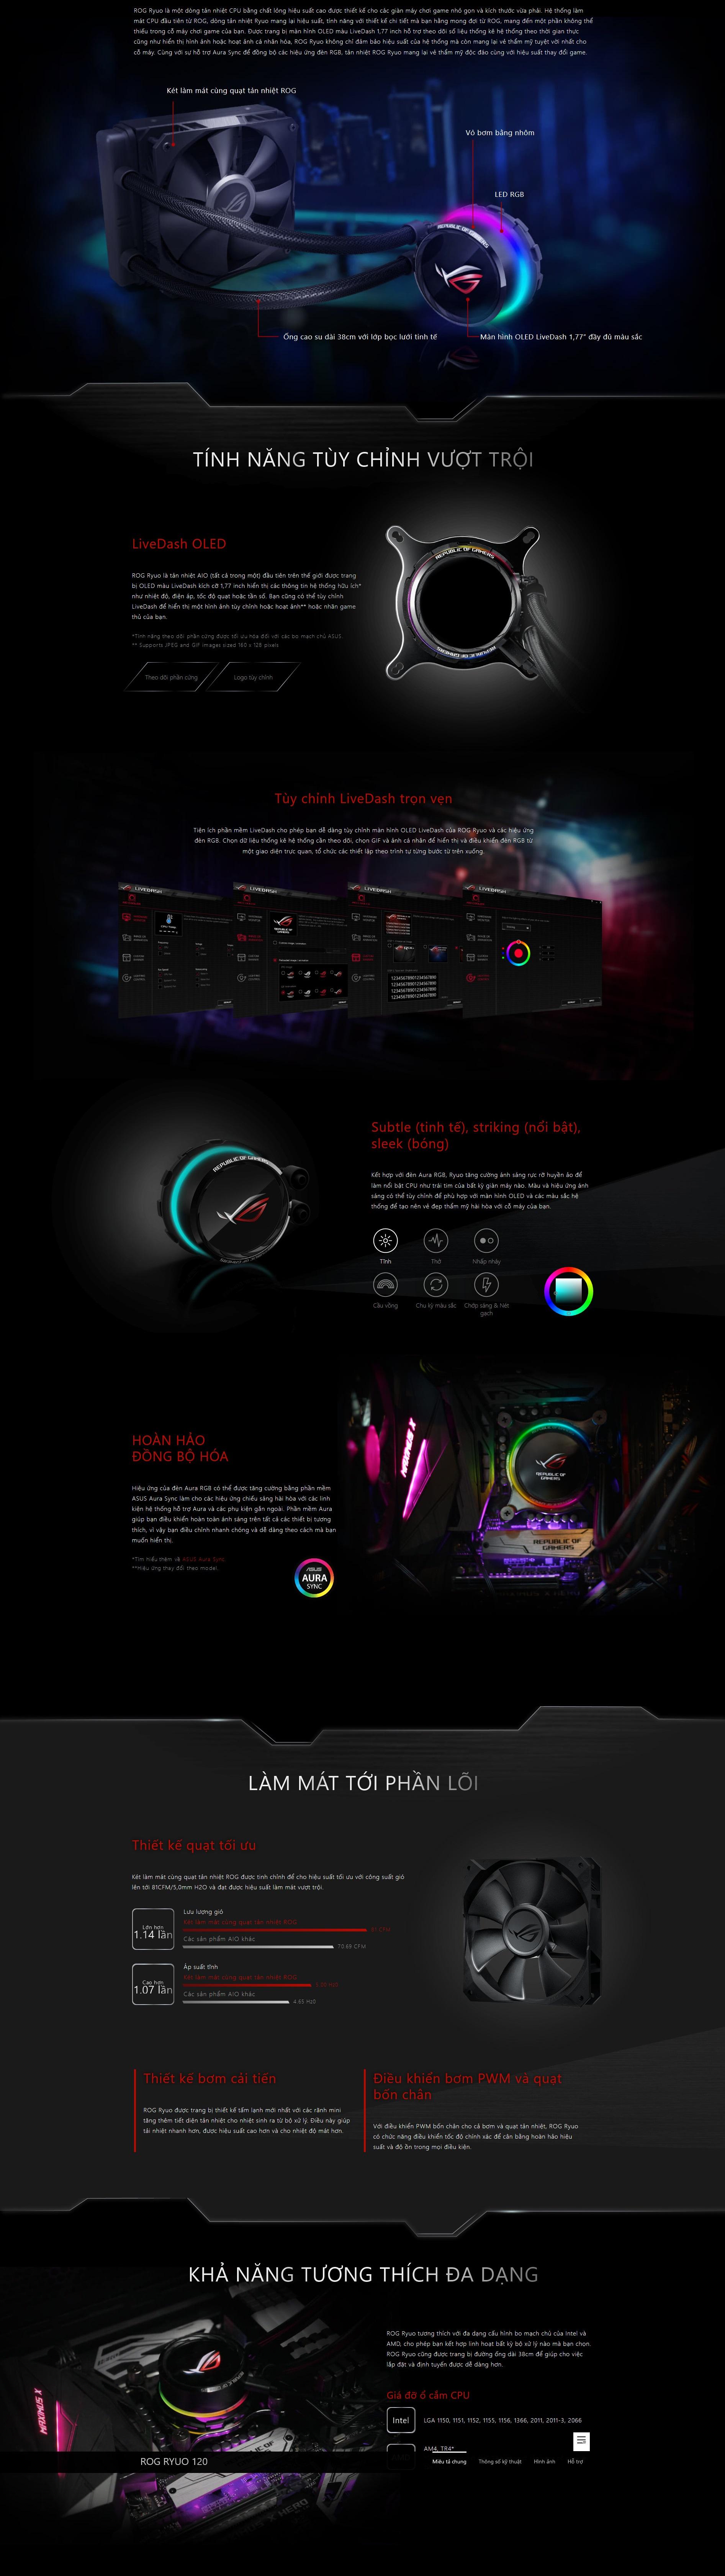 Asus ROG Ryuo 120 RGB | AZ Audio - Chuyên Gaming Gear và các thiết